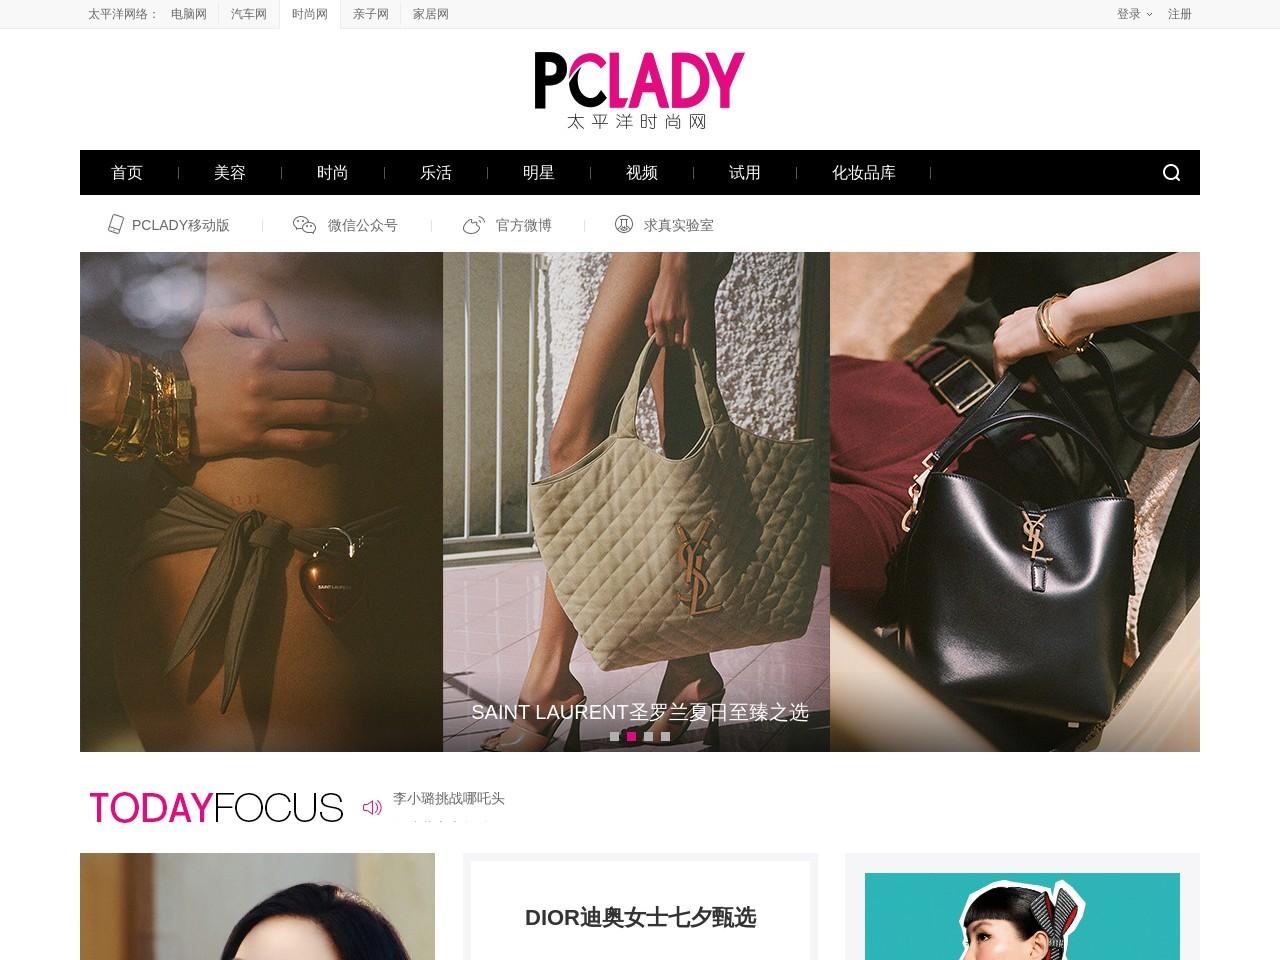 太平洋时尚网健康频道